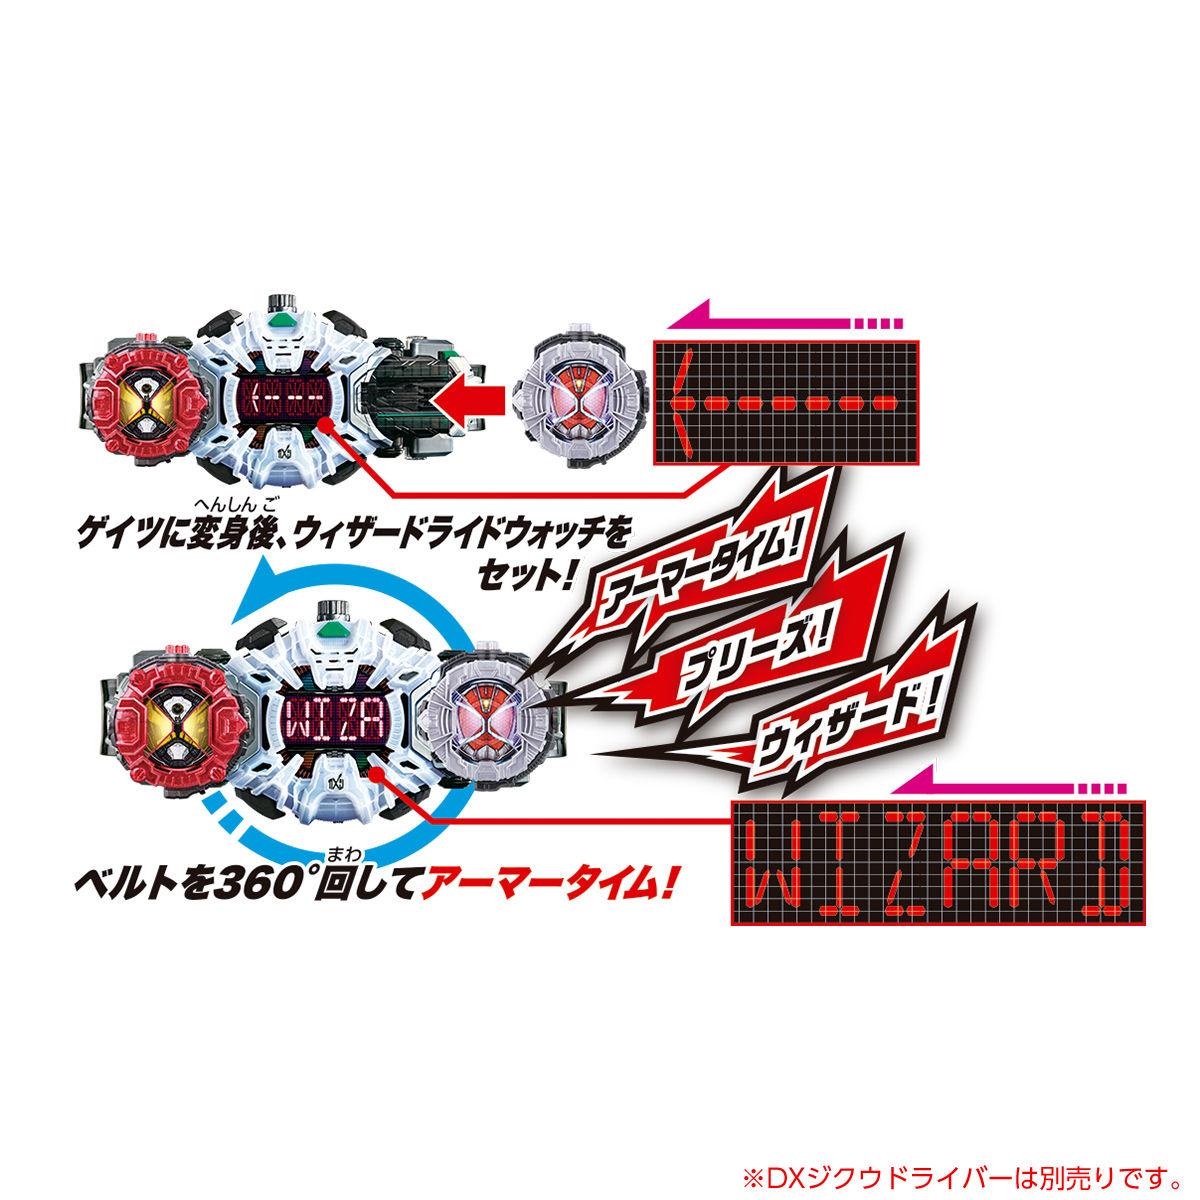 仮面ライダージオウ『DXウィザードライドウォッチ』変身なりきり-006